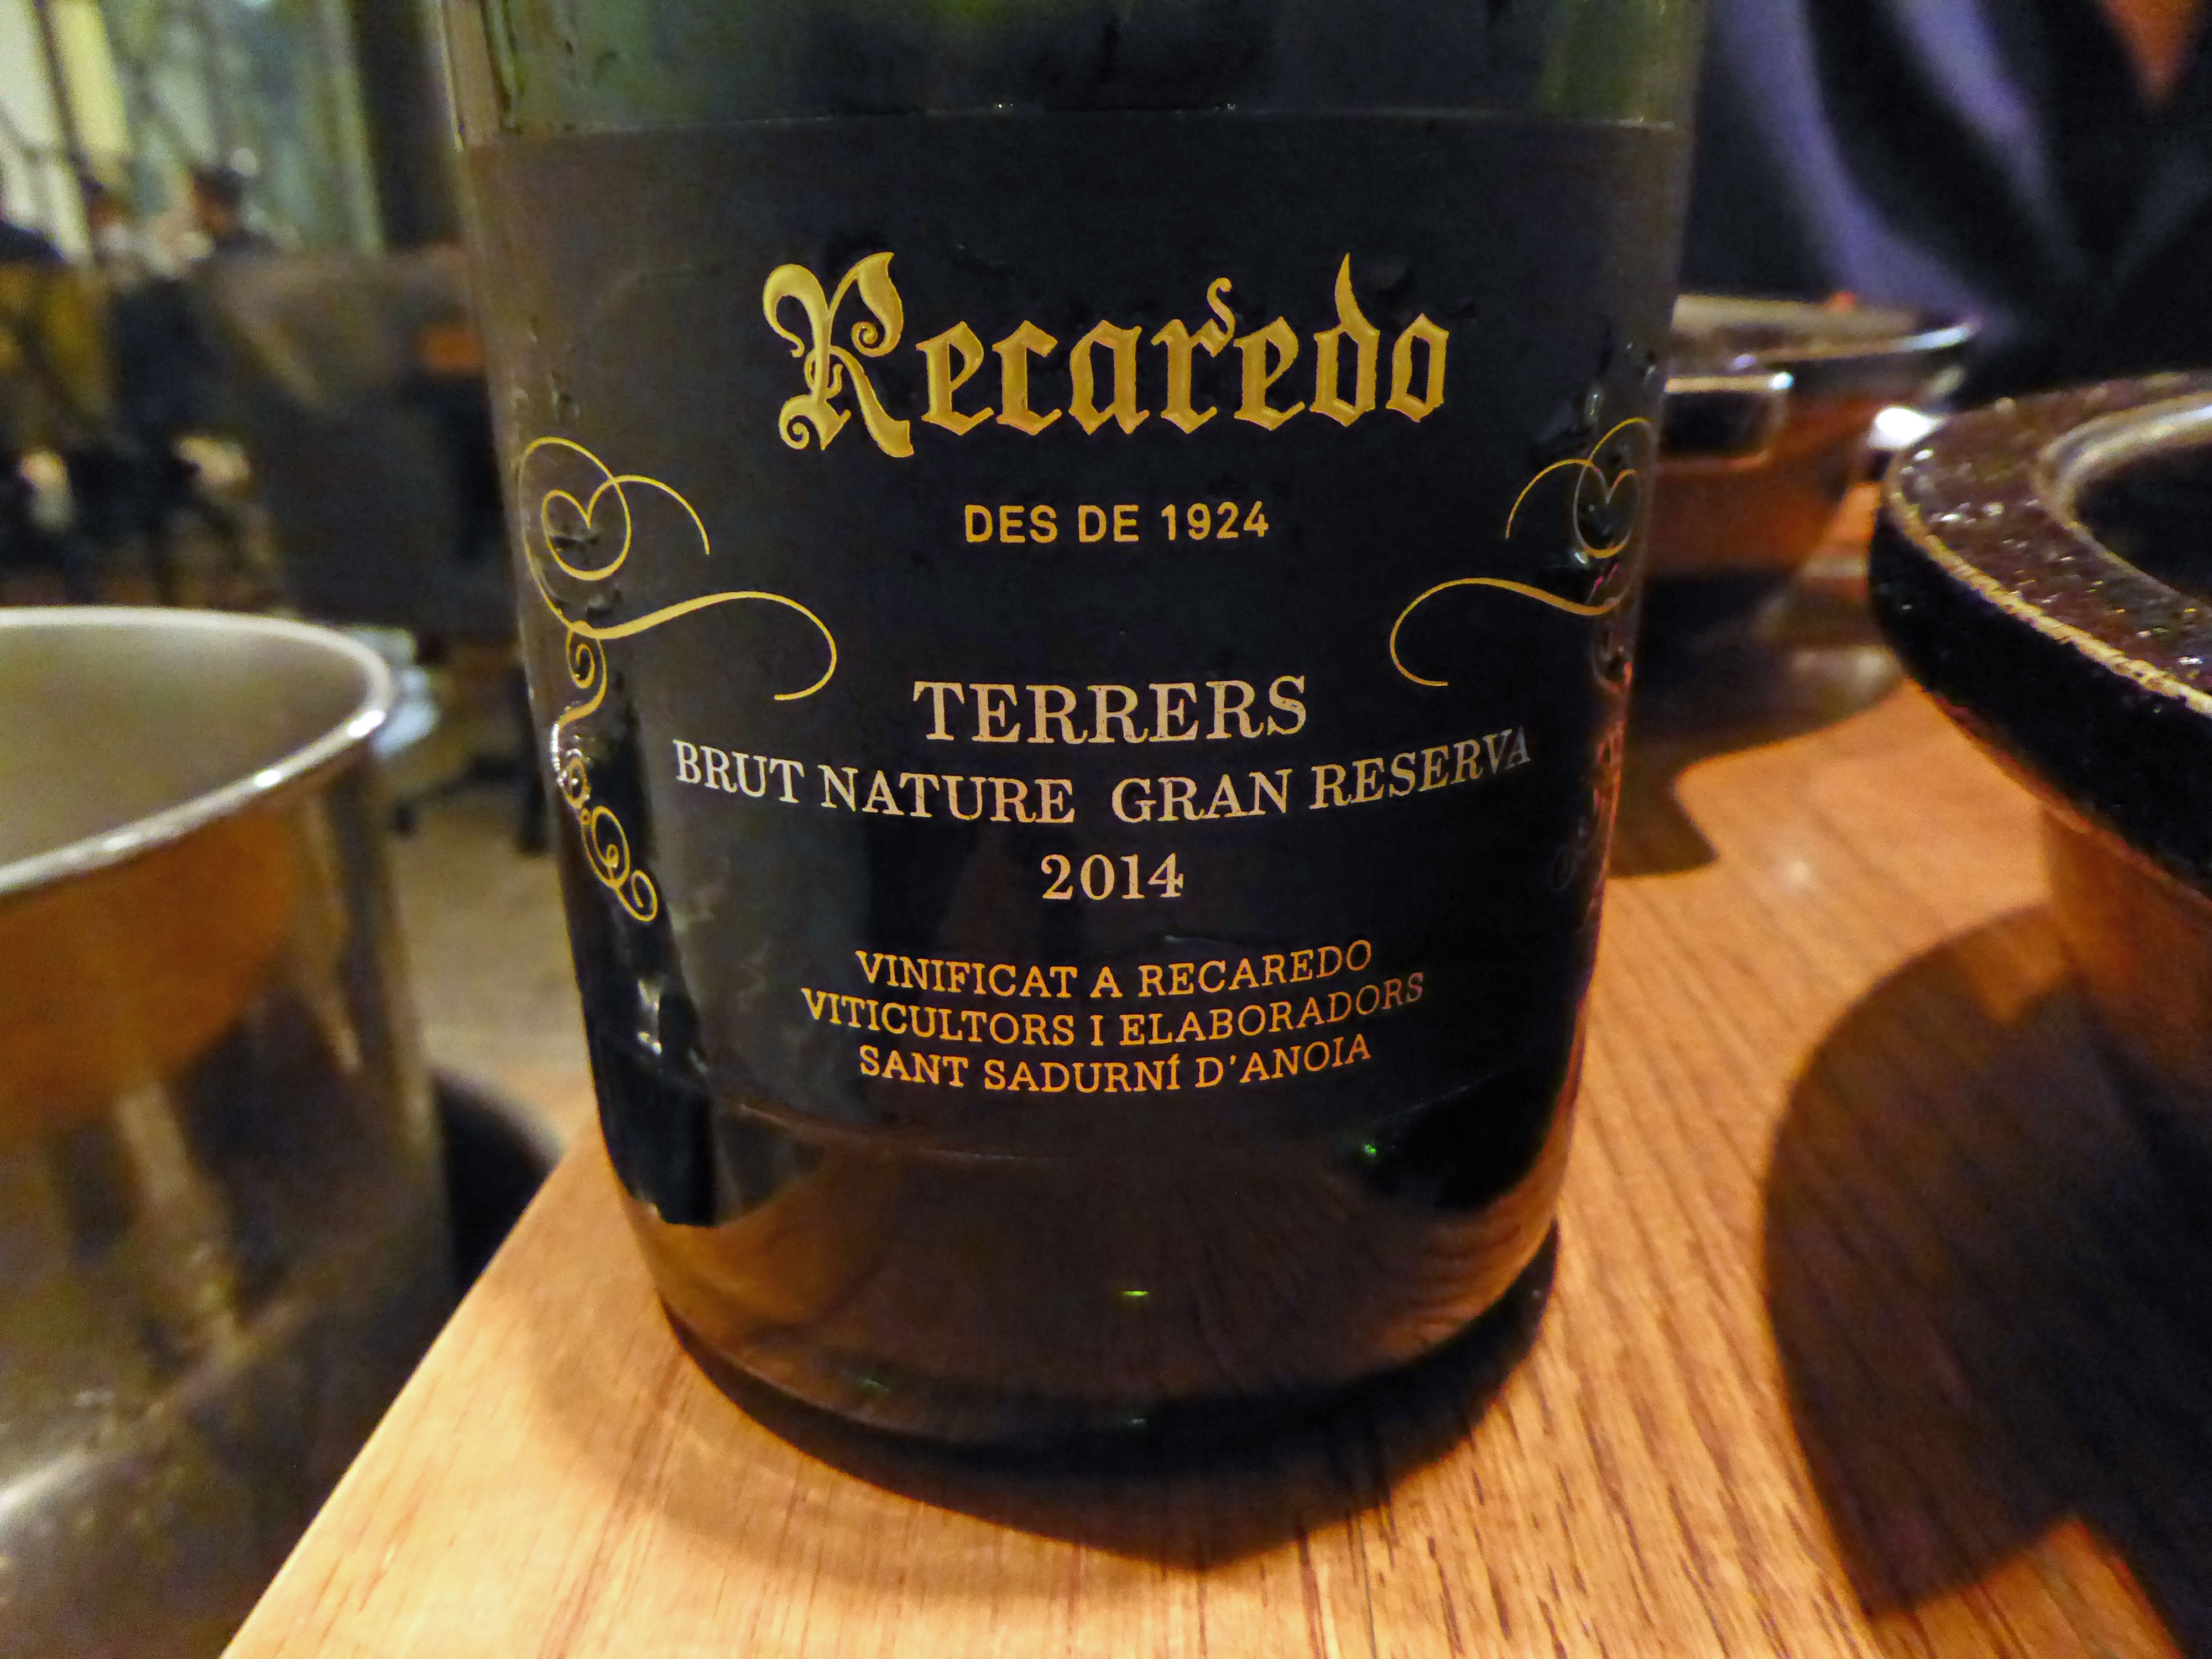 Restaurante Informal by Marc Gascons Recaredo Terrers Brut Nature Gran Reserva 2014